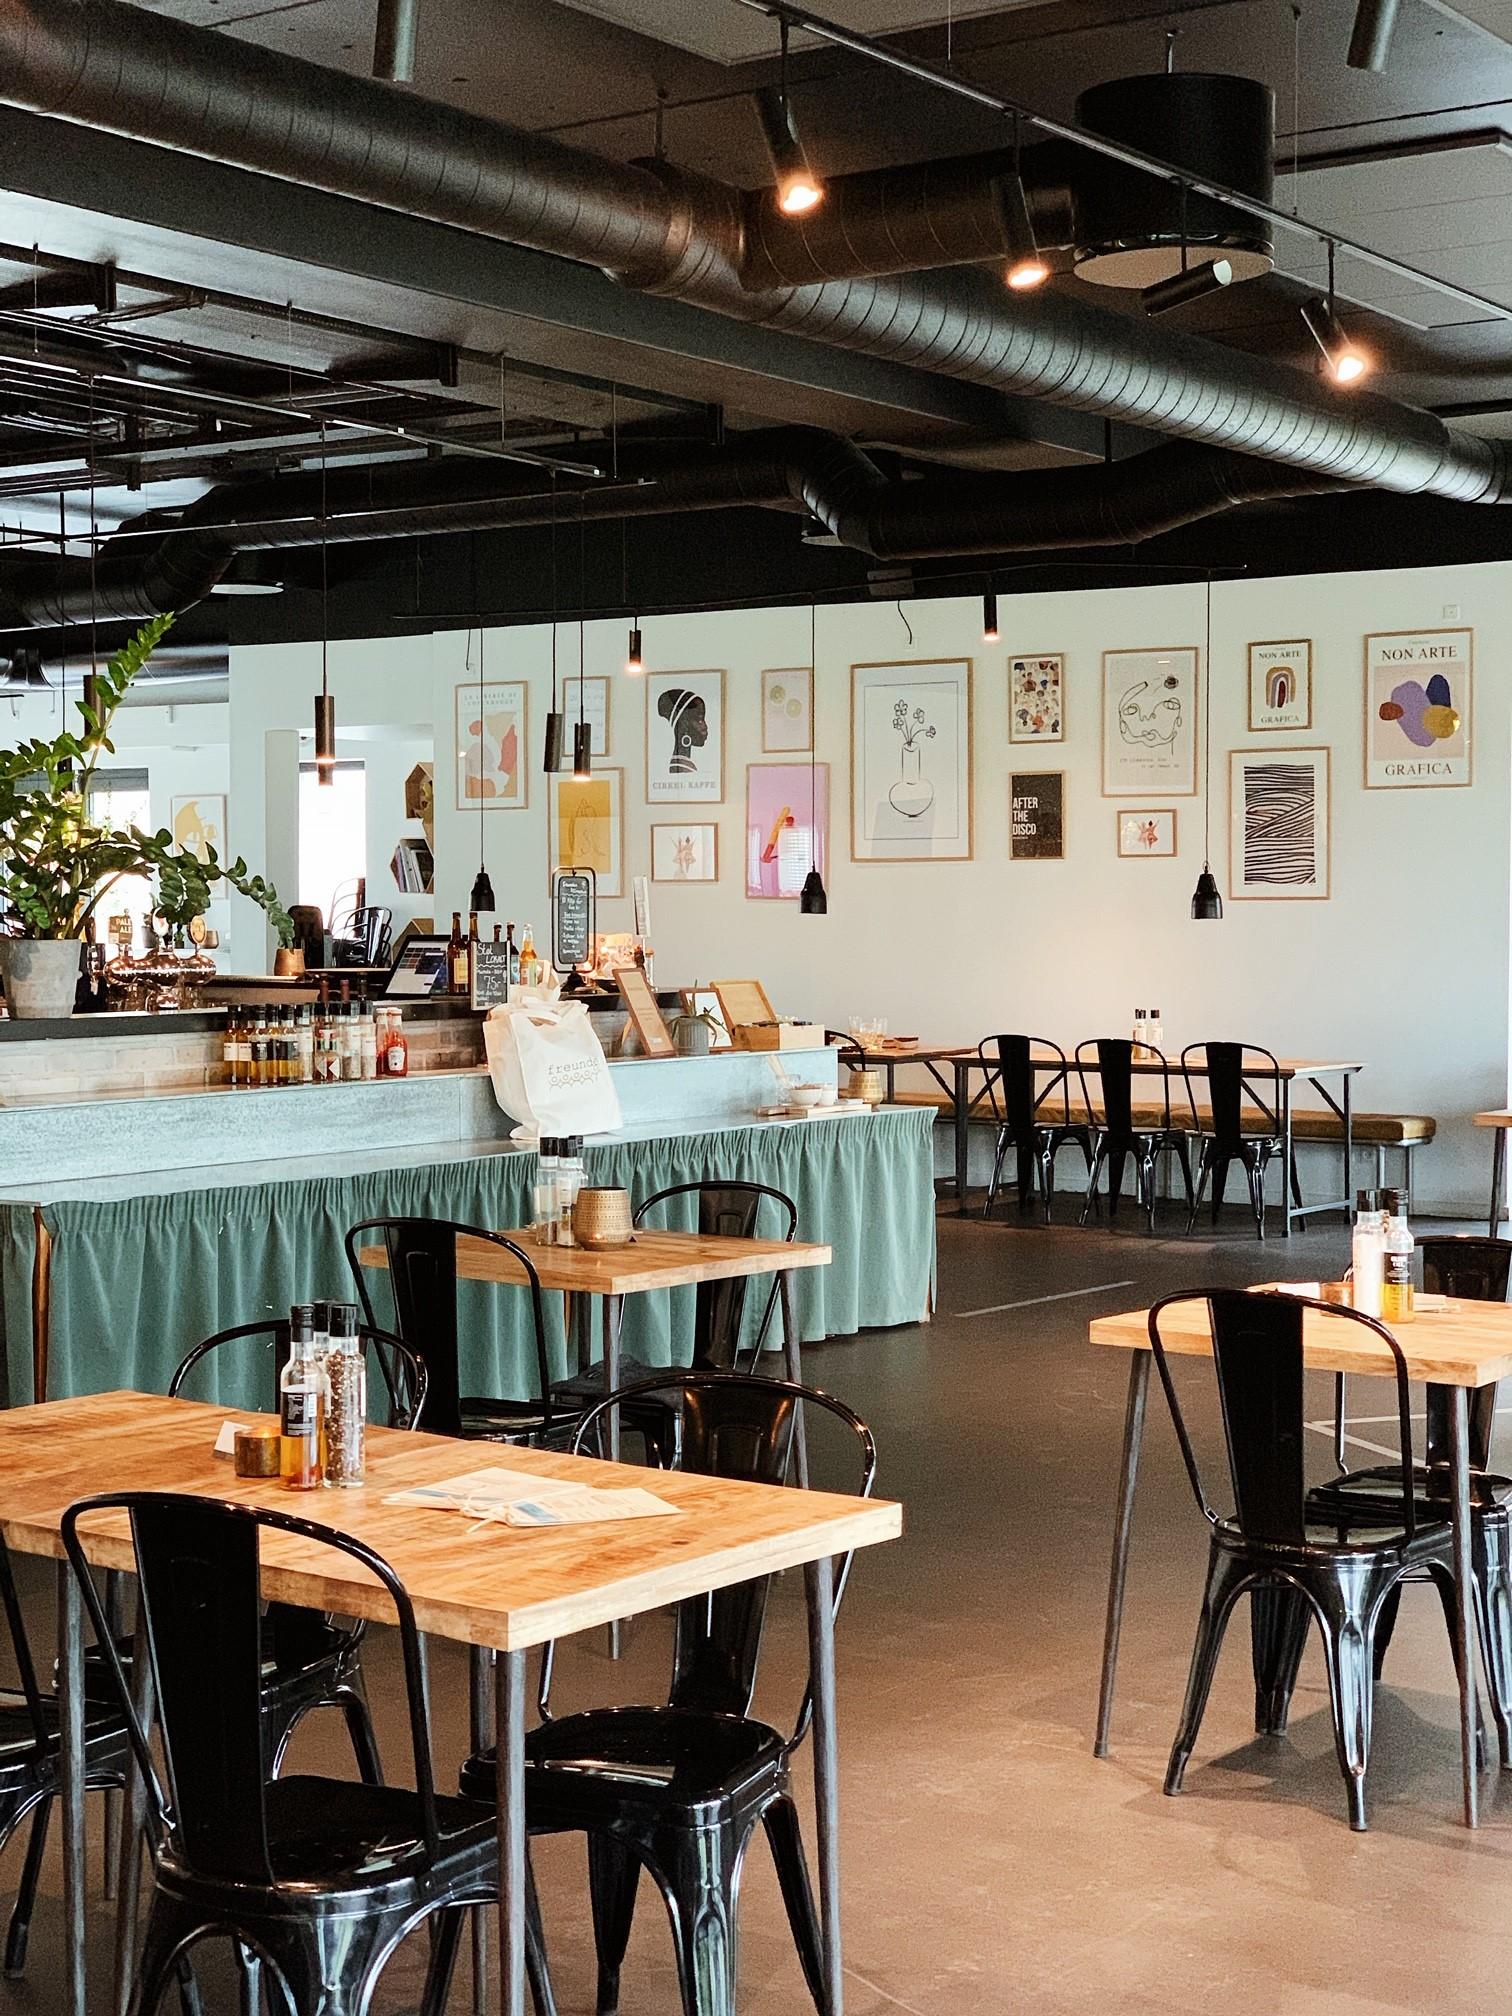 Besøg Caféen på Akacielunden 9 i Roskilde